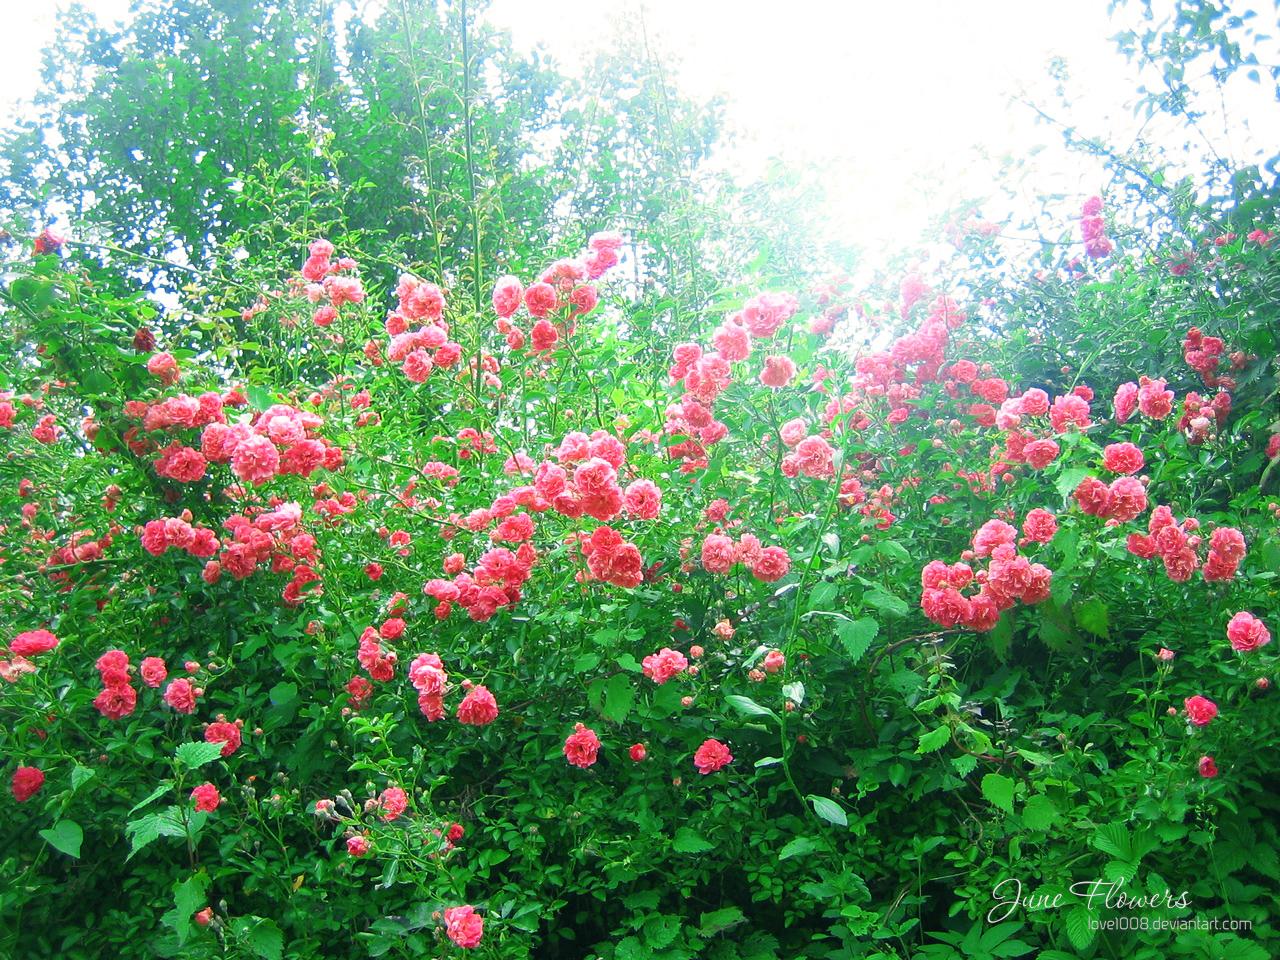 June Flowers 14 by love1008 on DeviantArt